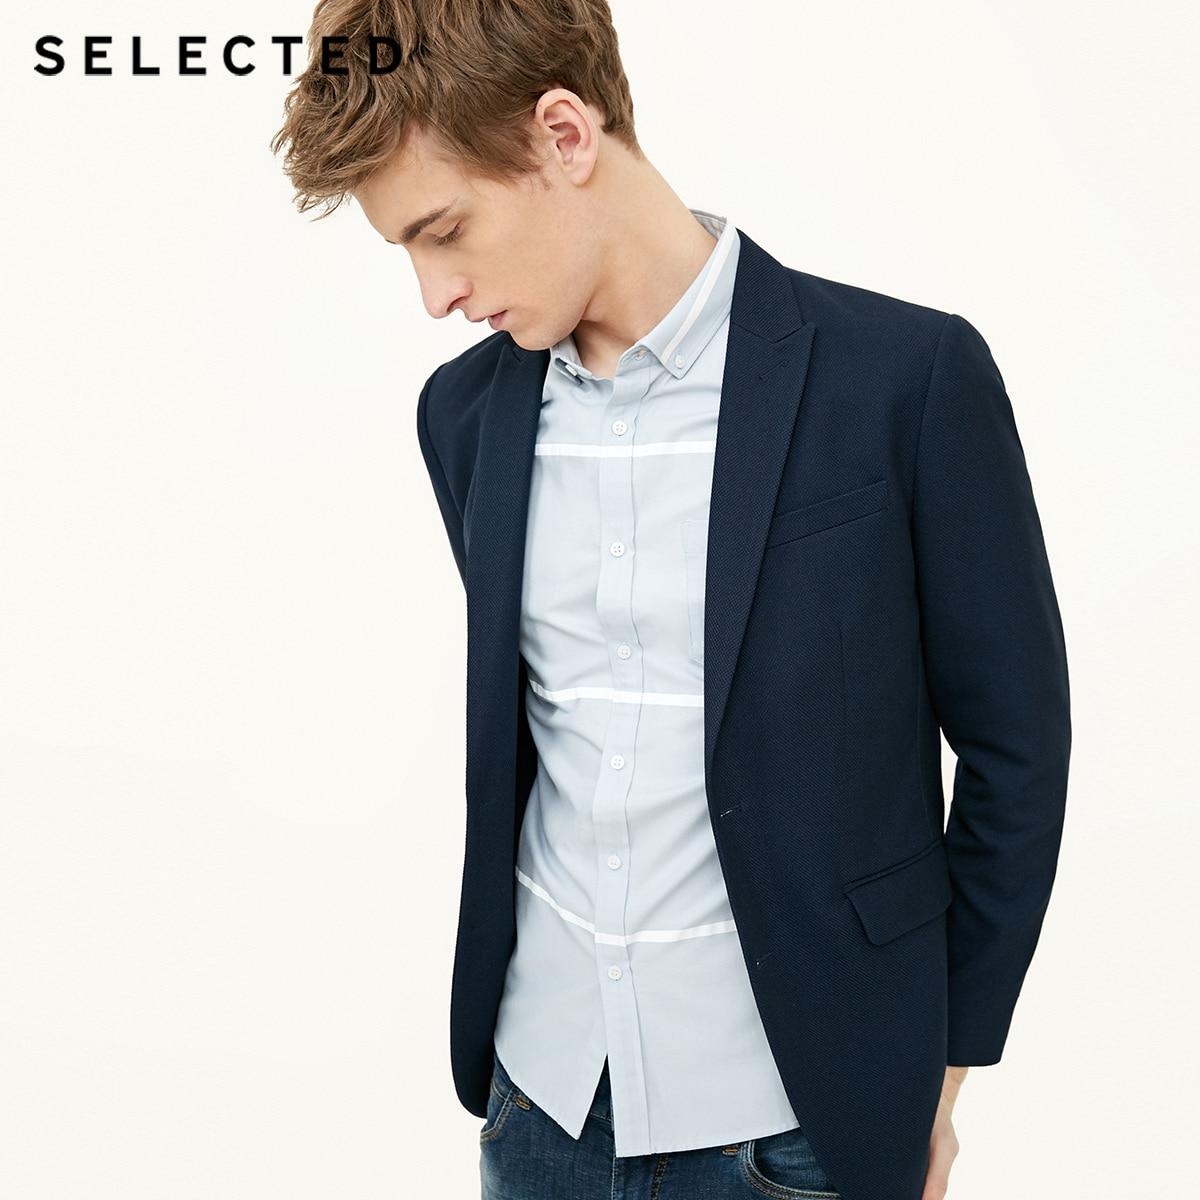 選択閉鎖襟ビジネスレジャースリムフィットスーツコートブレザー S  418108509  グループ上の メンズ服 からの ブレザー の中 1